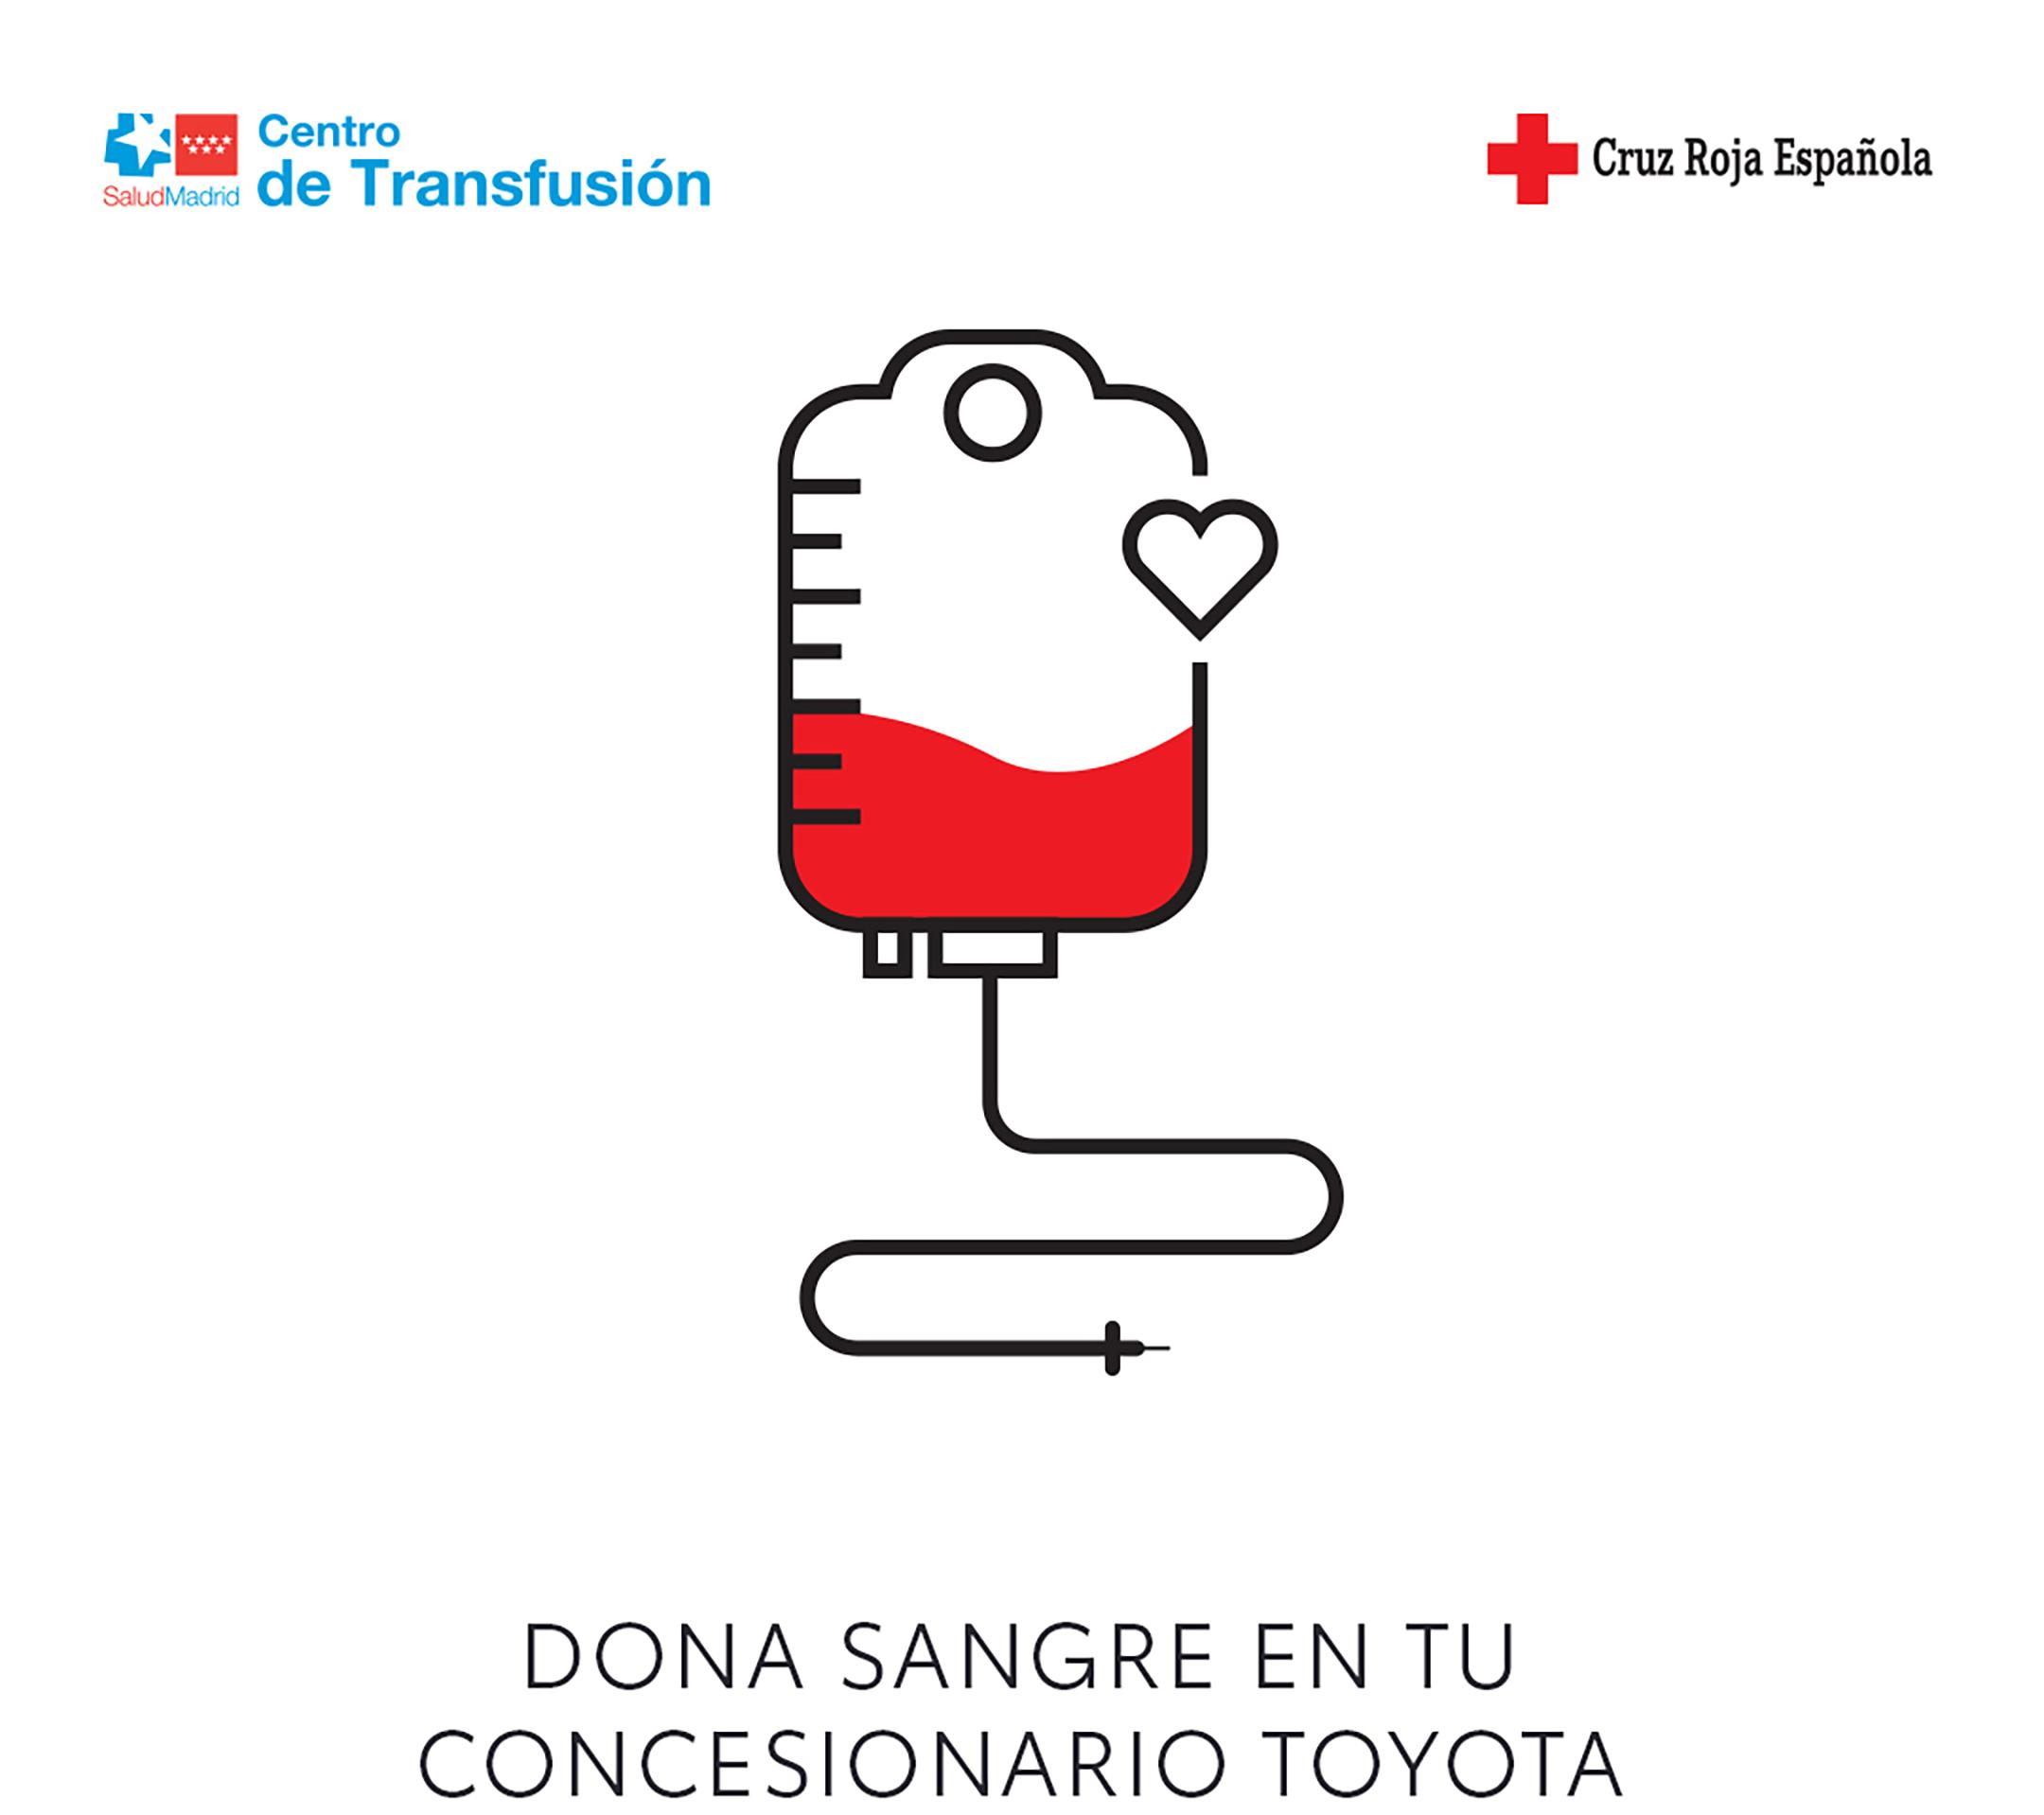 Toyota España y su innovadora acción de donación de sangre en el concesionario